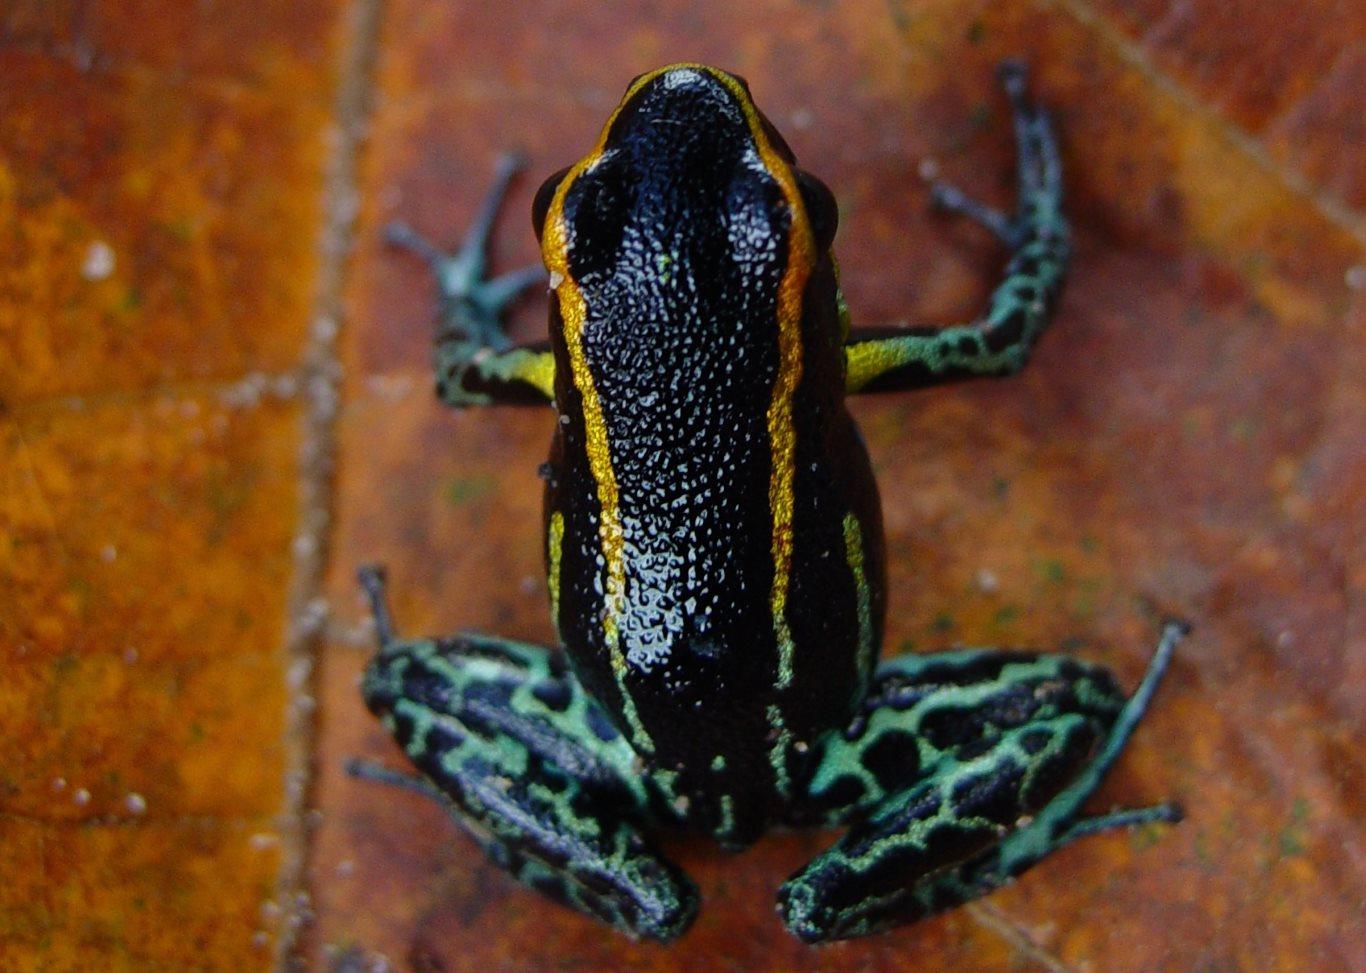 Hyloxalus Azureiventris poison frog